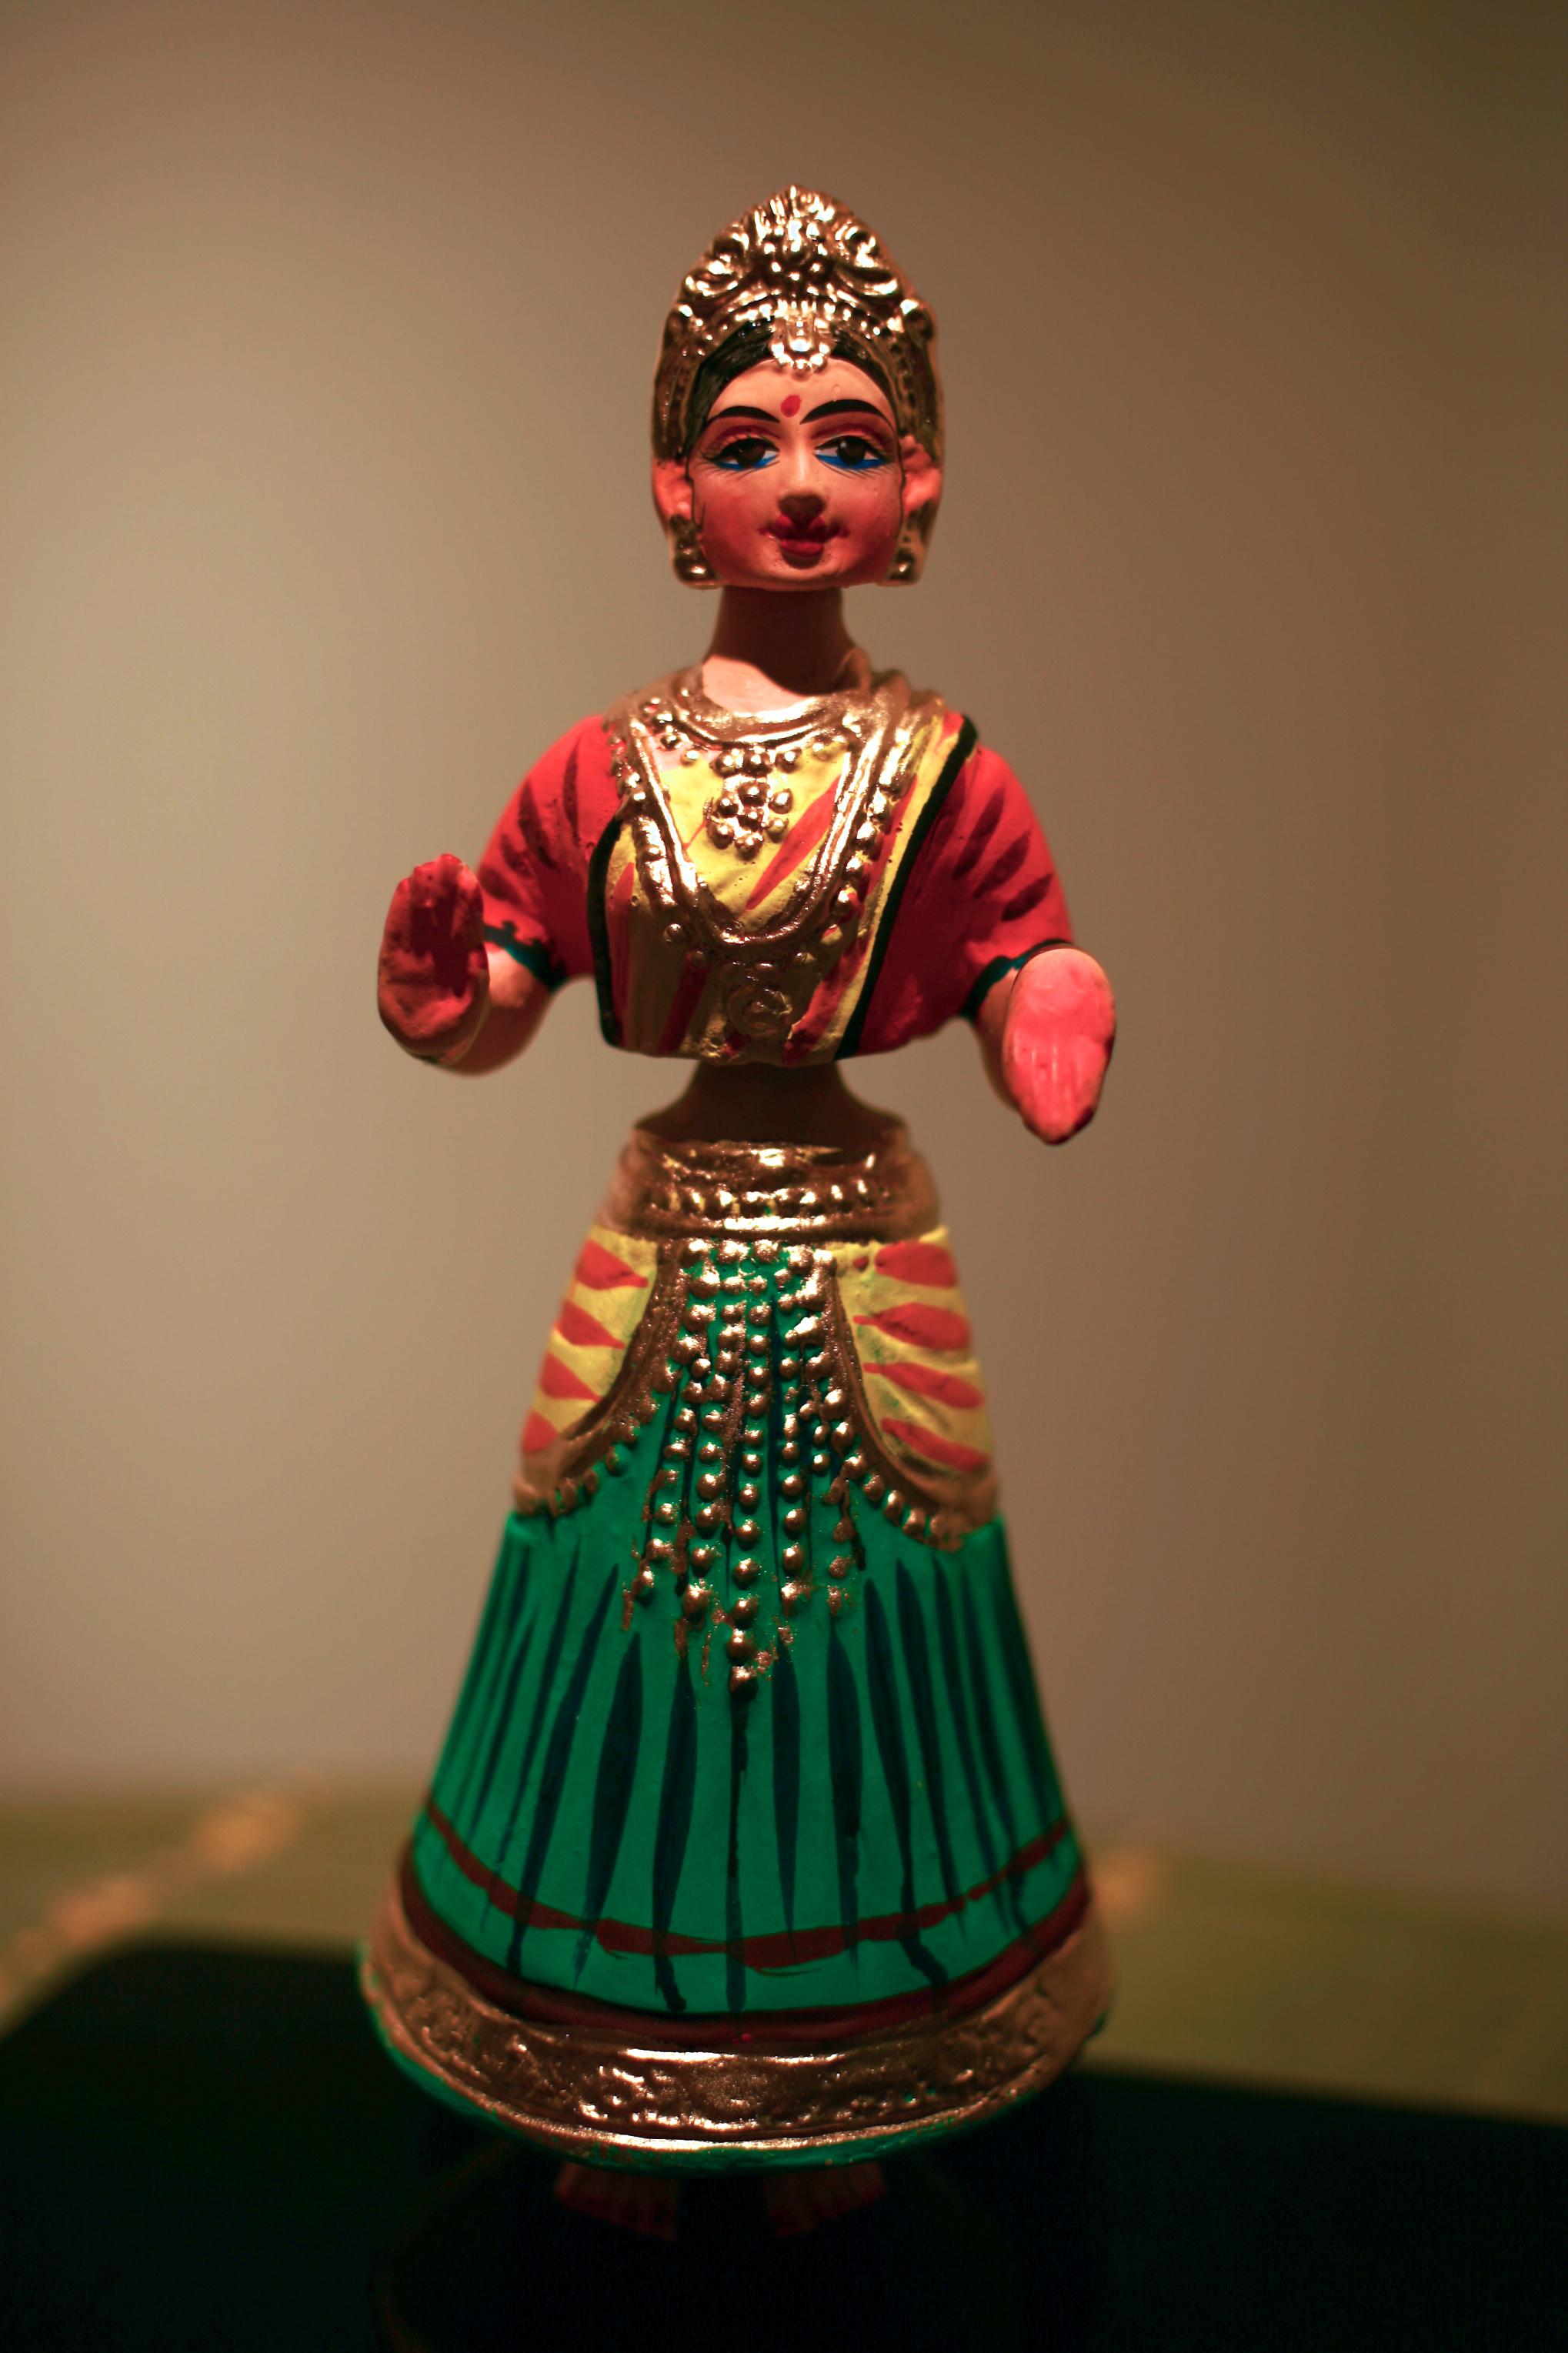 A Tanjavur doll. (Alamelu Sankaranarayanan/CC BY-SA)